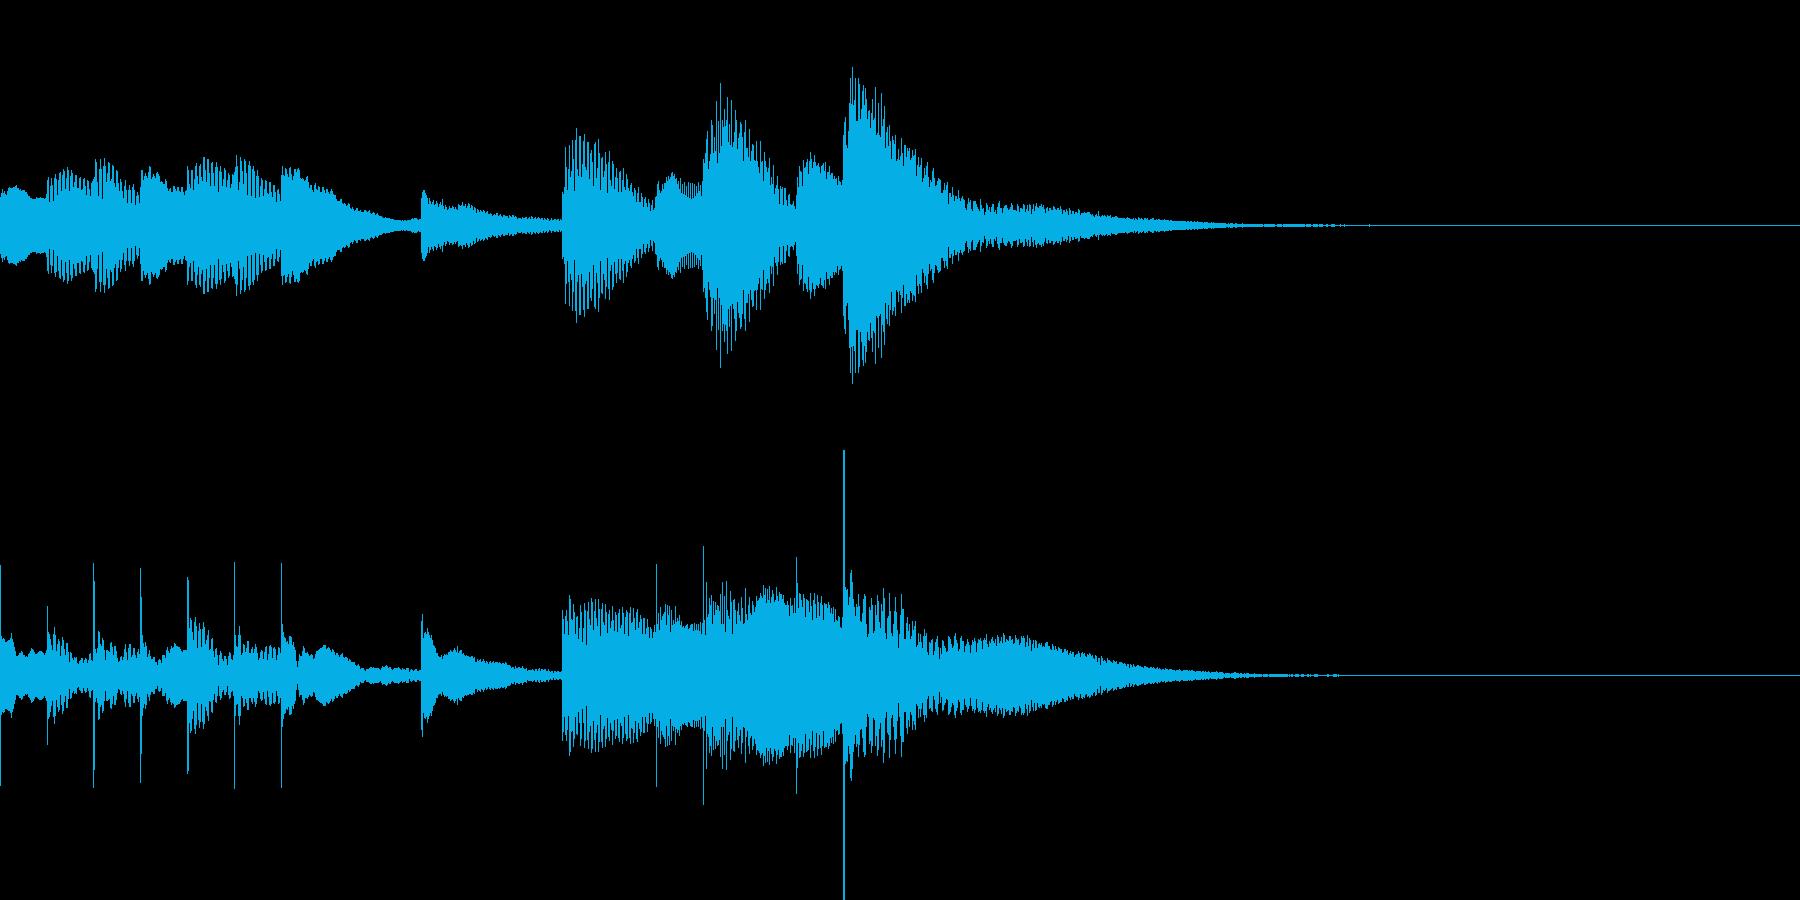 マリンバとグロッケンのジングル3の再生済みの波形